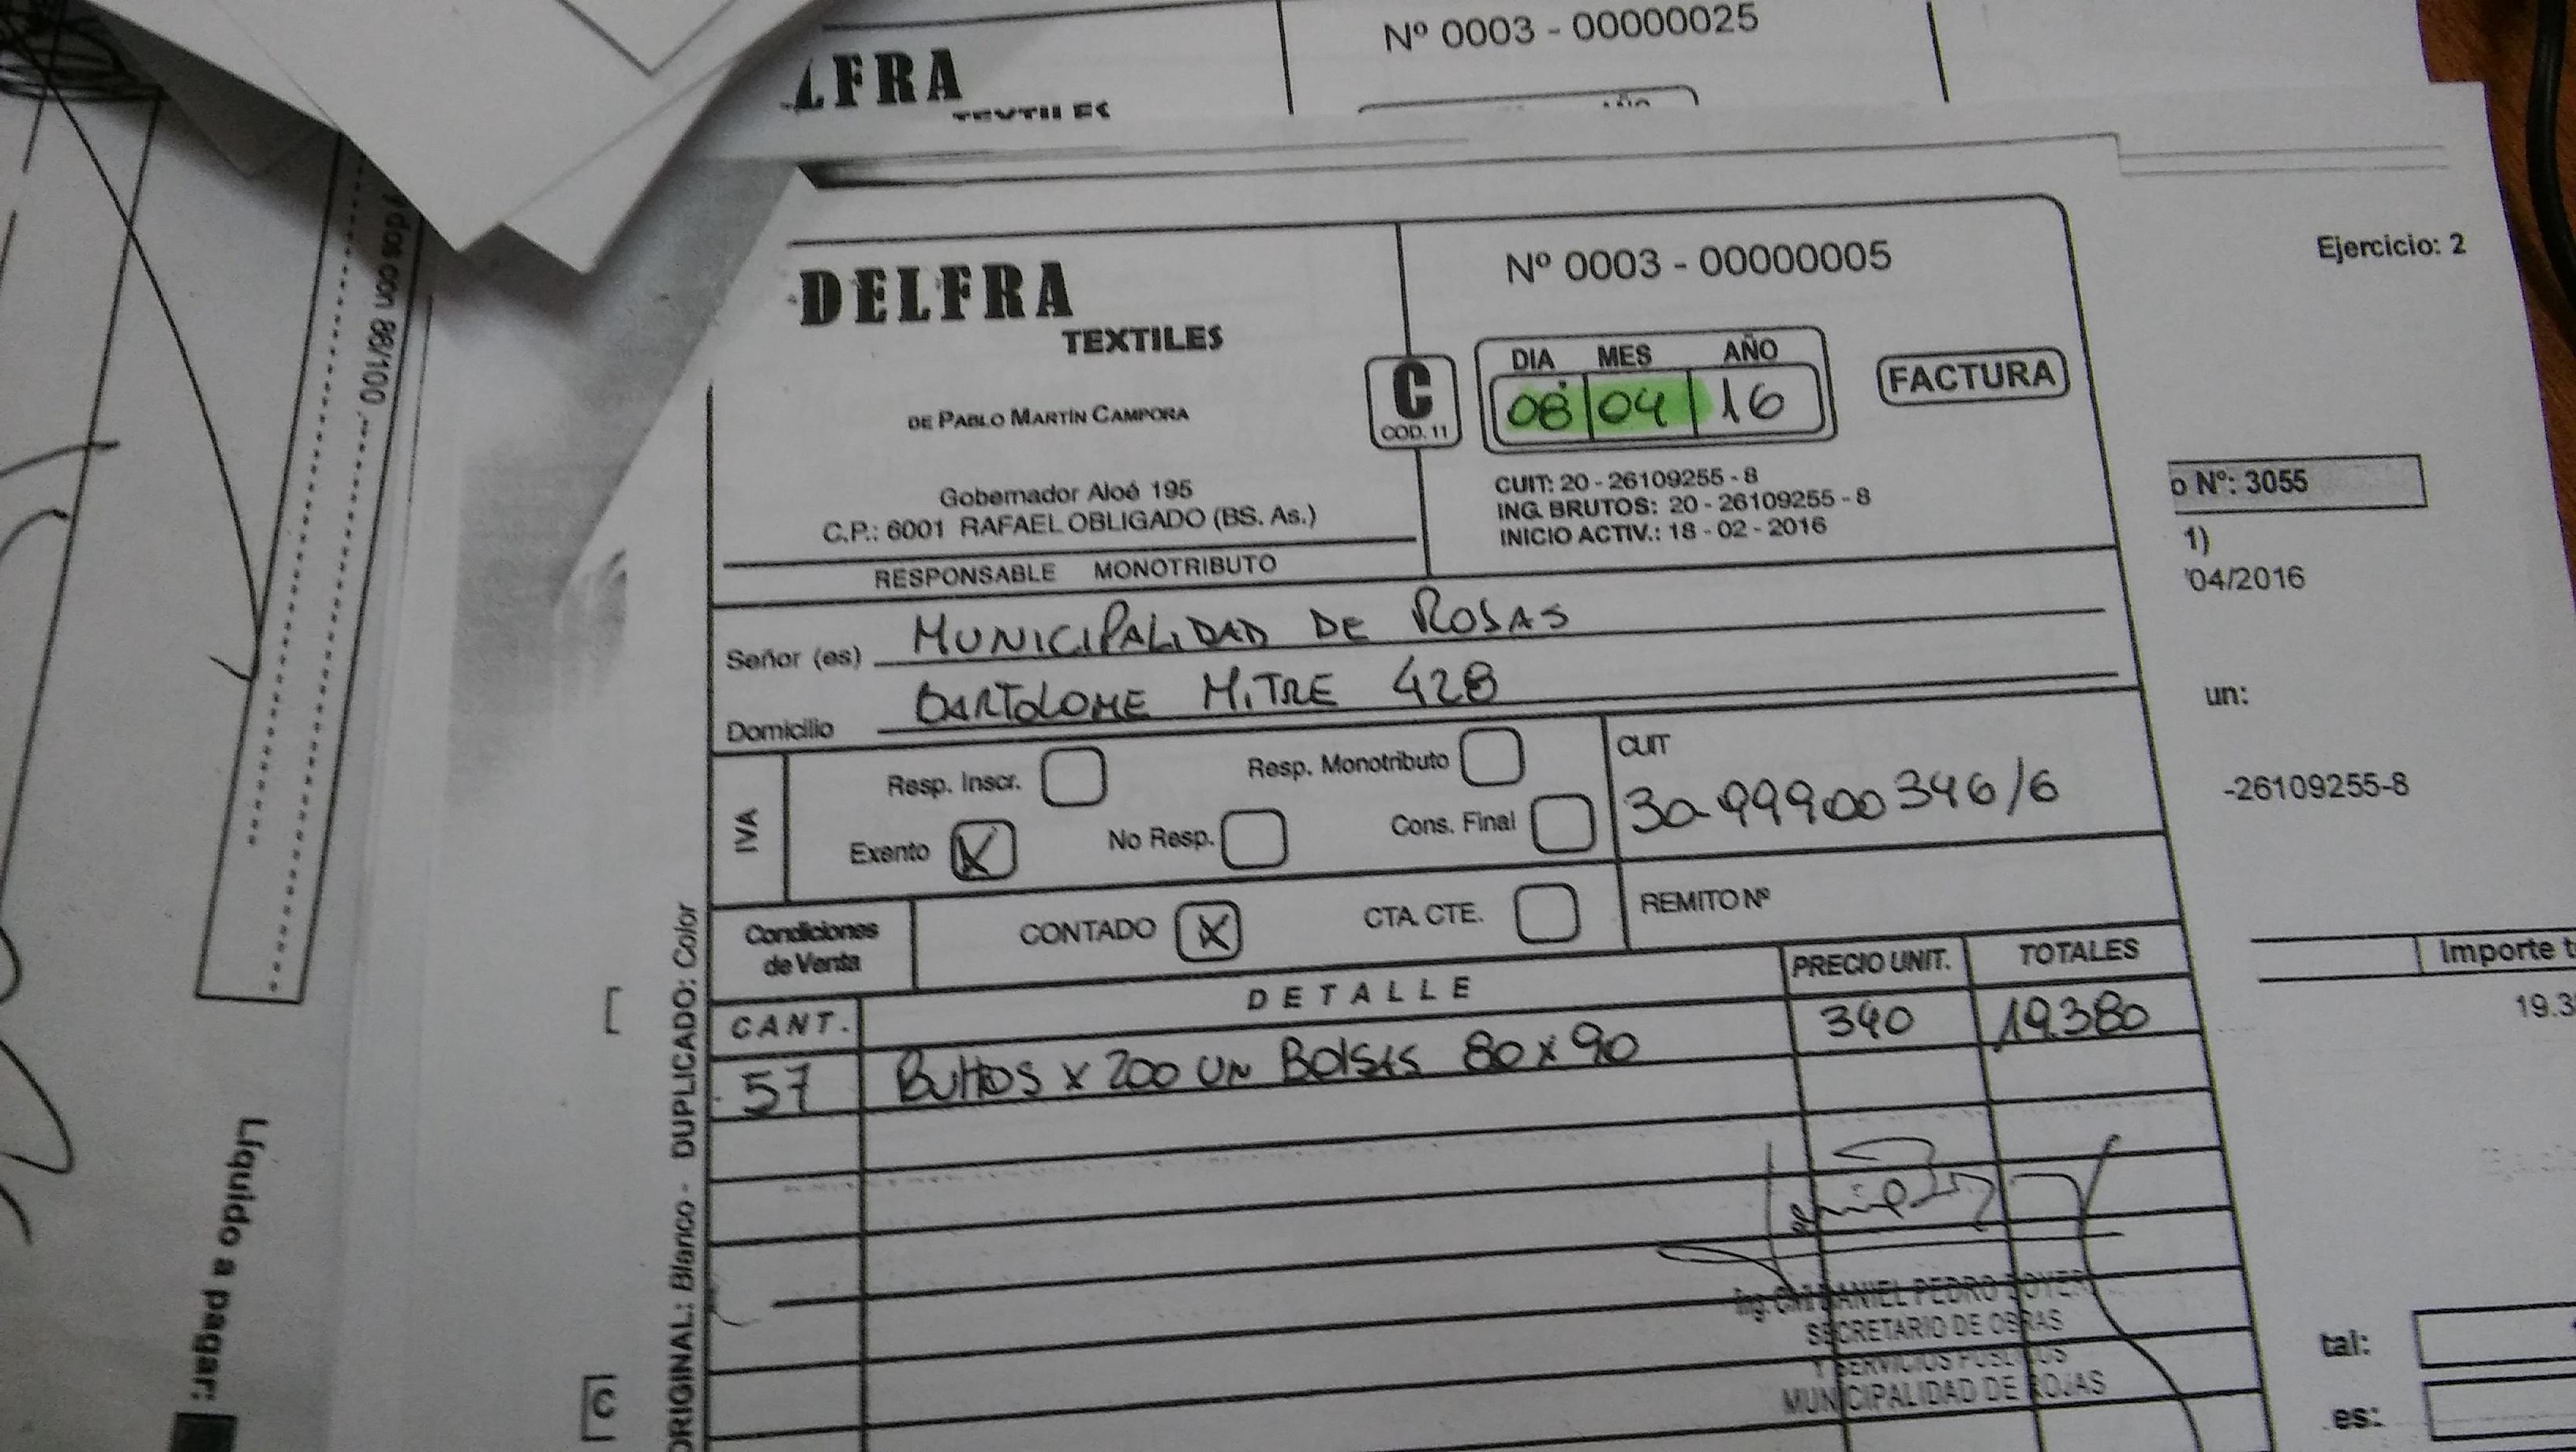 Son hechos, lamentablemente, no palabras. Quedó demostrado con las facturas del señor Pablo Martin Cámpora DNI 26.109.255, quien fue beneficiado por su condición de pareja en la vida de la concejal por el GEN Marylin Pugliese, con la entrega de más de 60 mil pesos mensuales a cambio del voto favorable de la edil a todos los proyectos del Radicalismo-PRO.